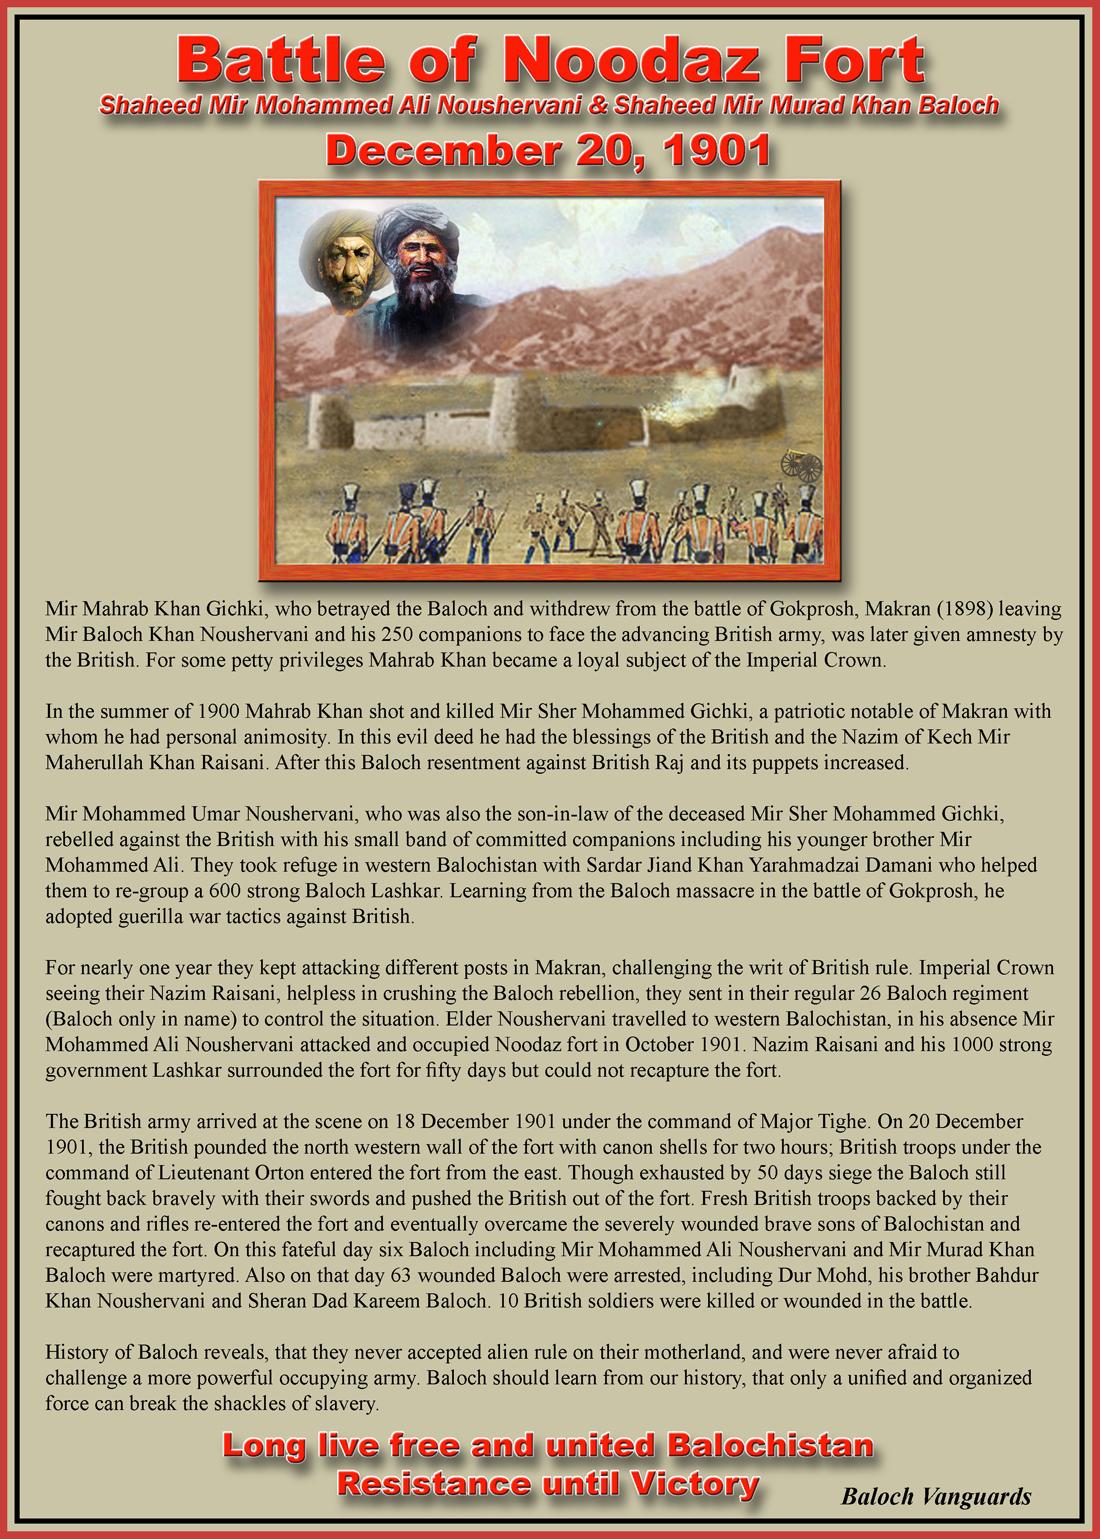 http://baluchsarmachar.files.wordpress.com/2011/12/1battle-of-noodaz-fort.jpg